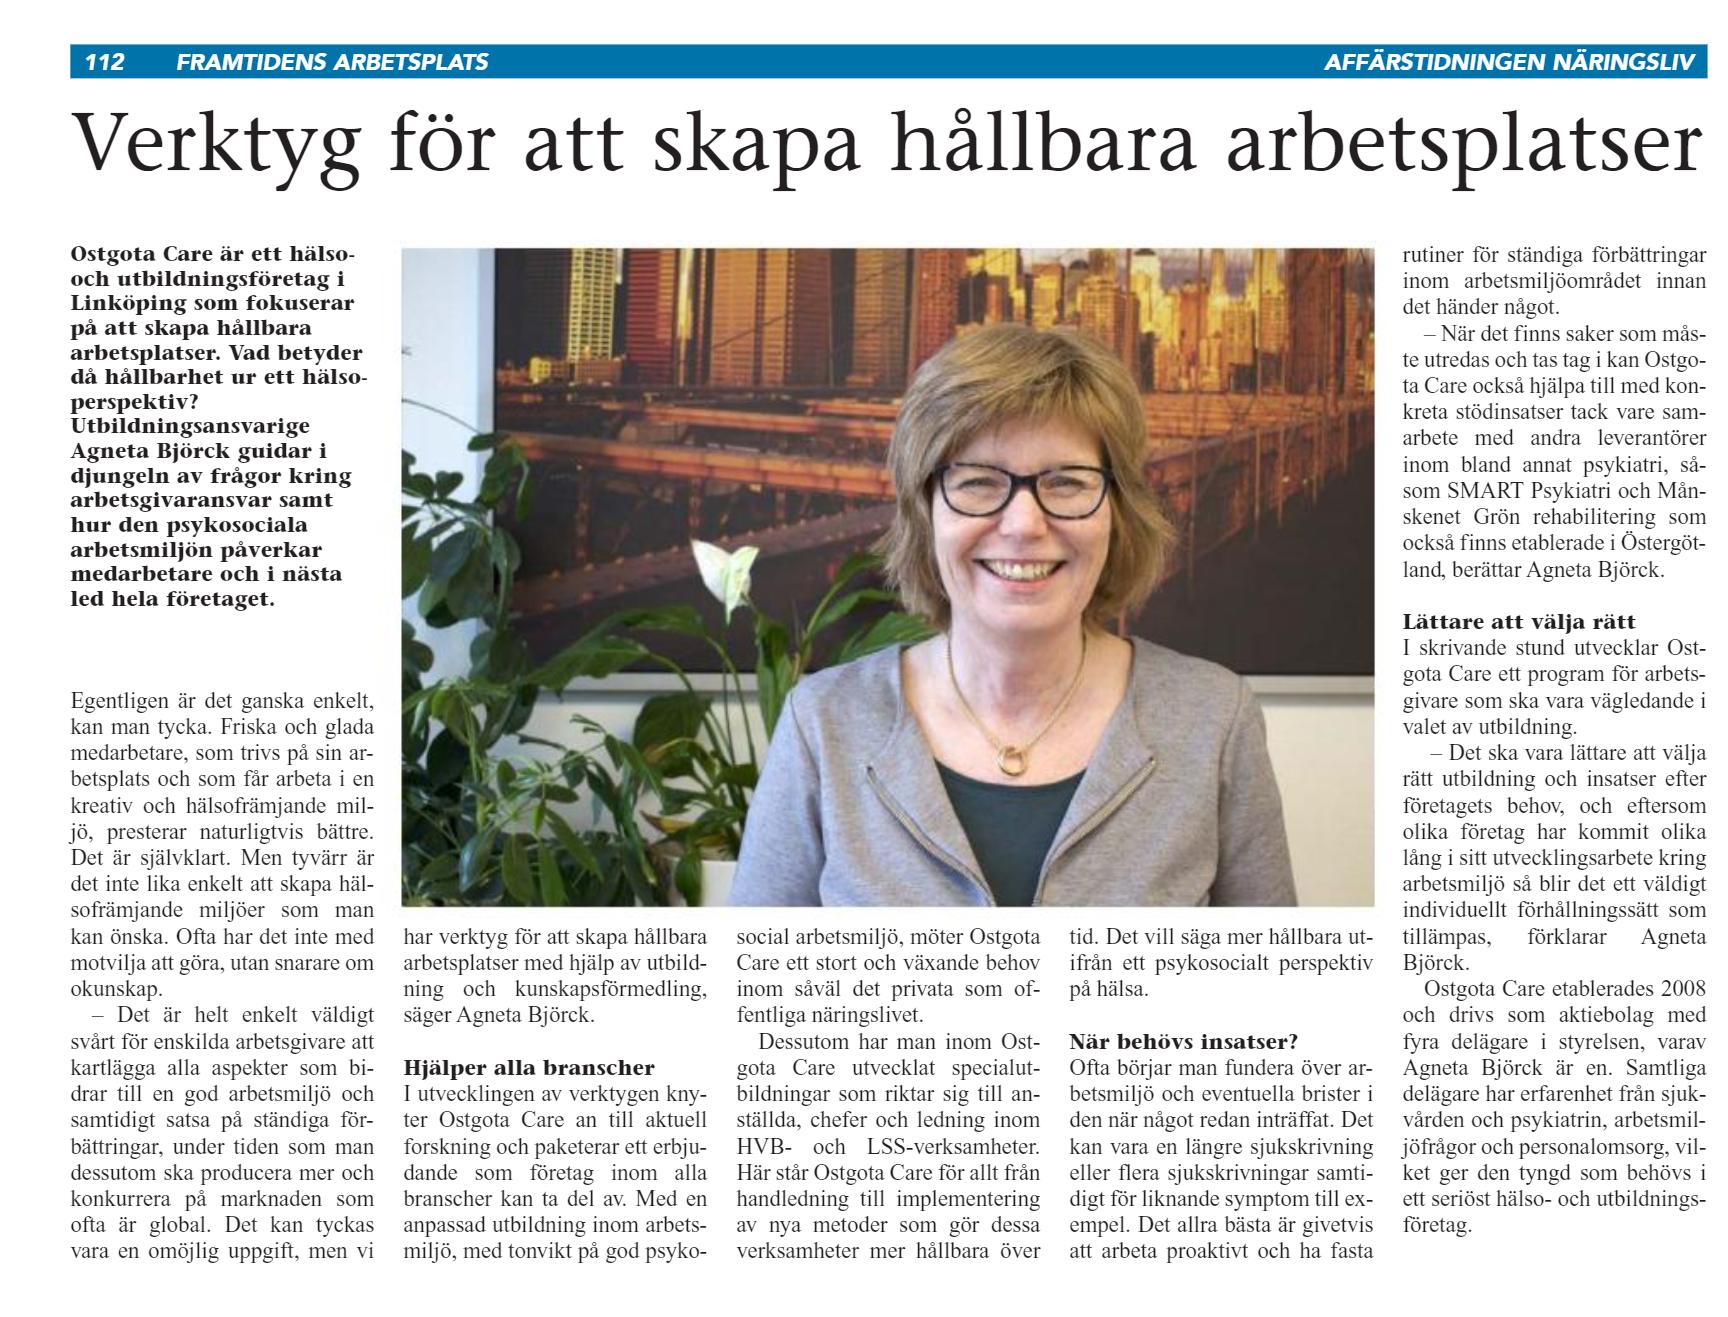 I senaste numret av Affärstidningen Näringsliv Östergötland kan du läsa denna artikel med Agneta Björck,  klicka här  eller på bilden för att komma till artikeln.